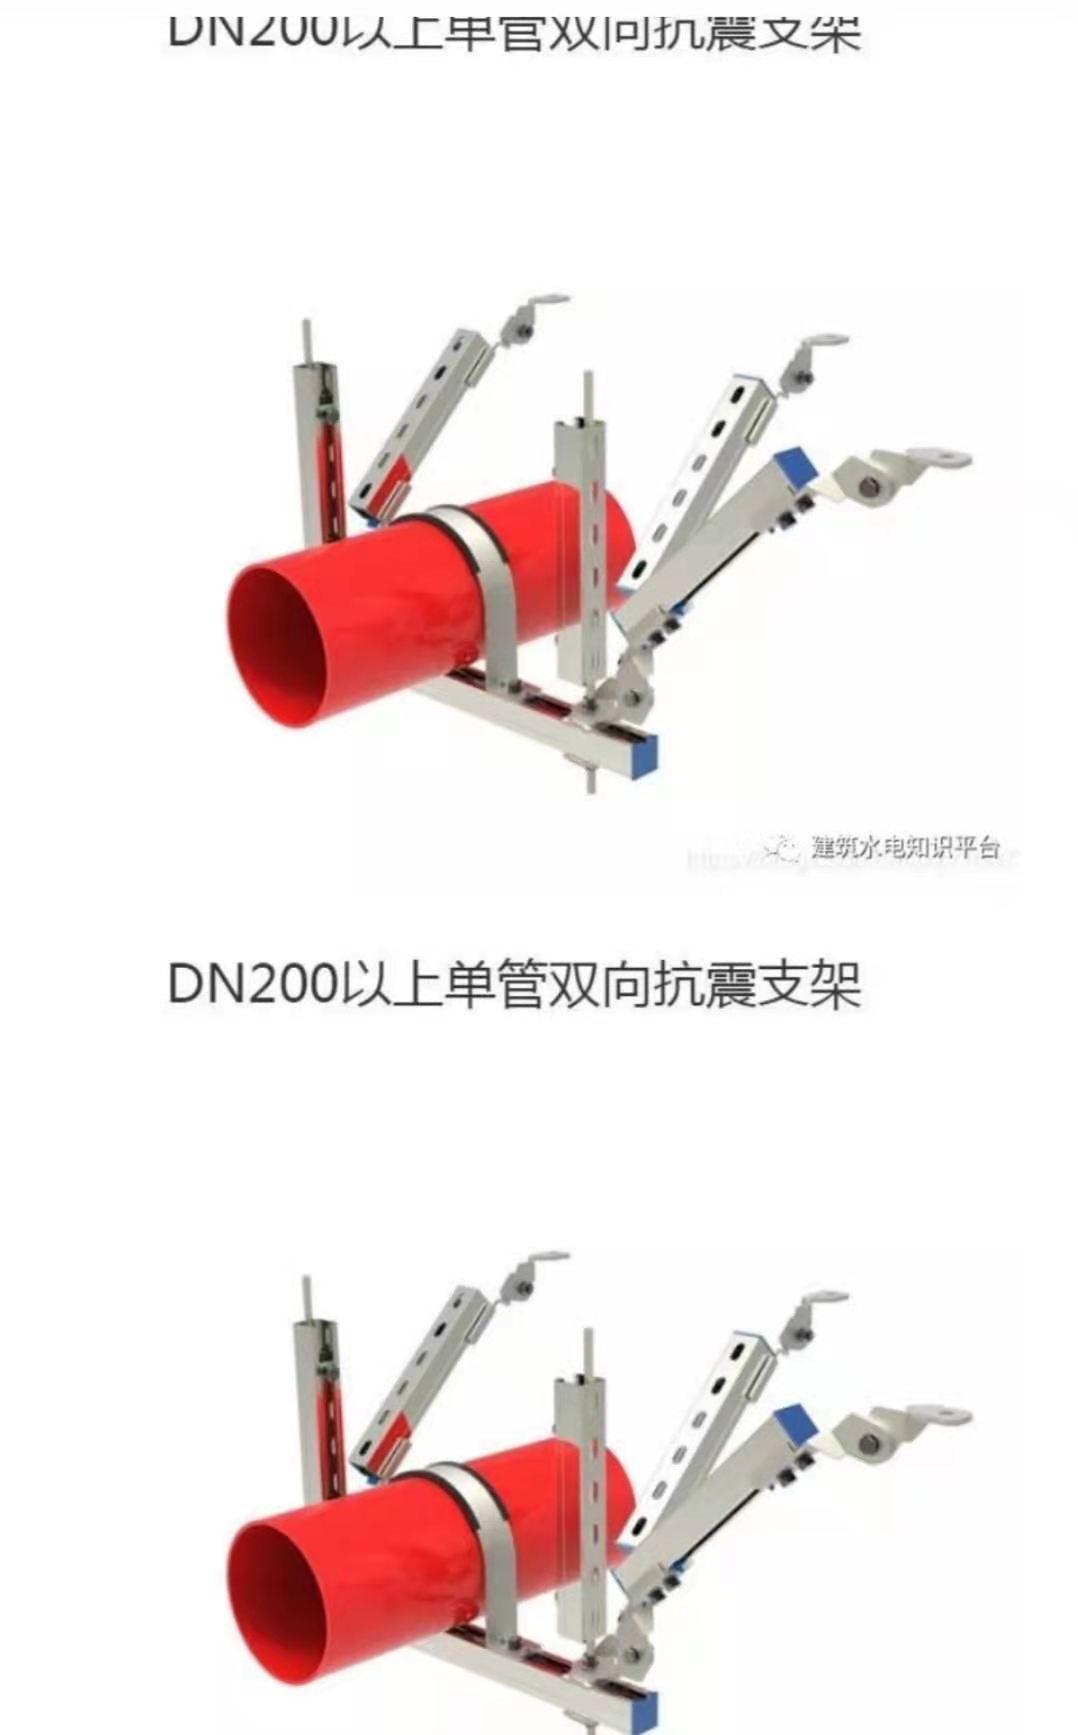 抗震支架的匯報-抗震支架單套工程量-抗震支架在項目中的應用